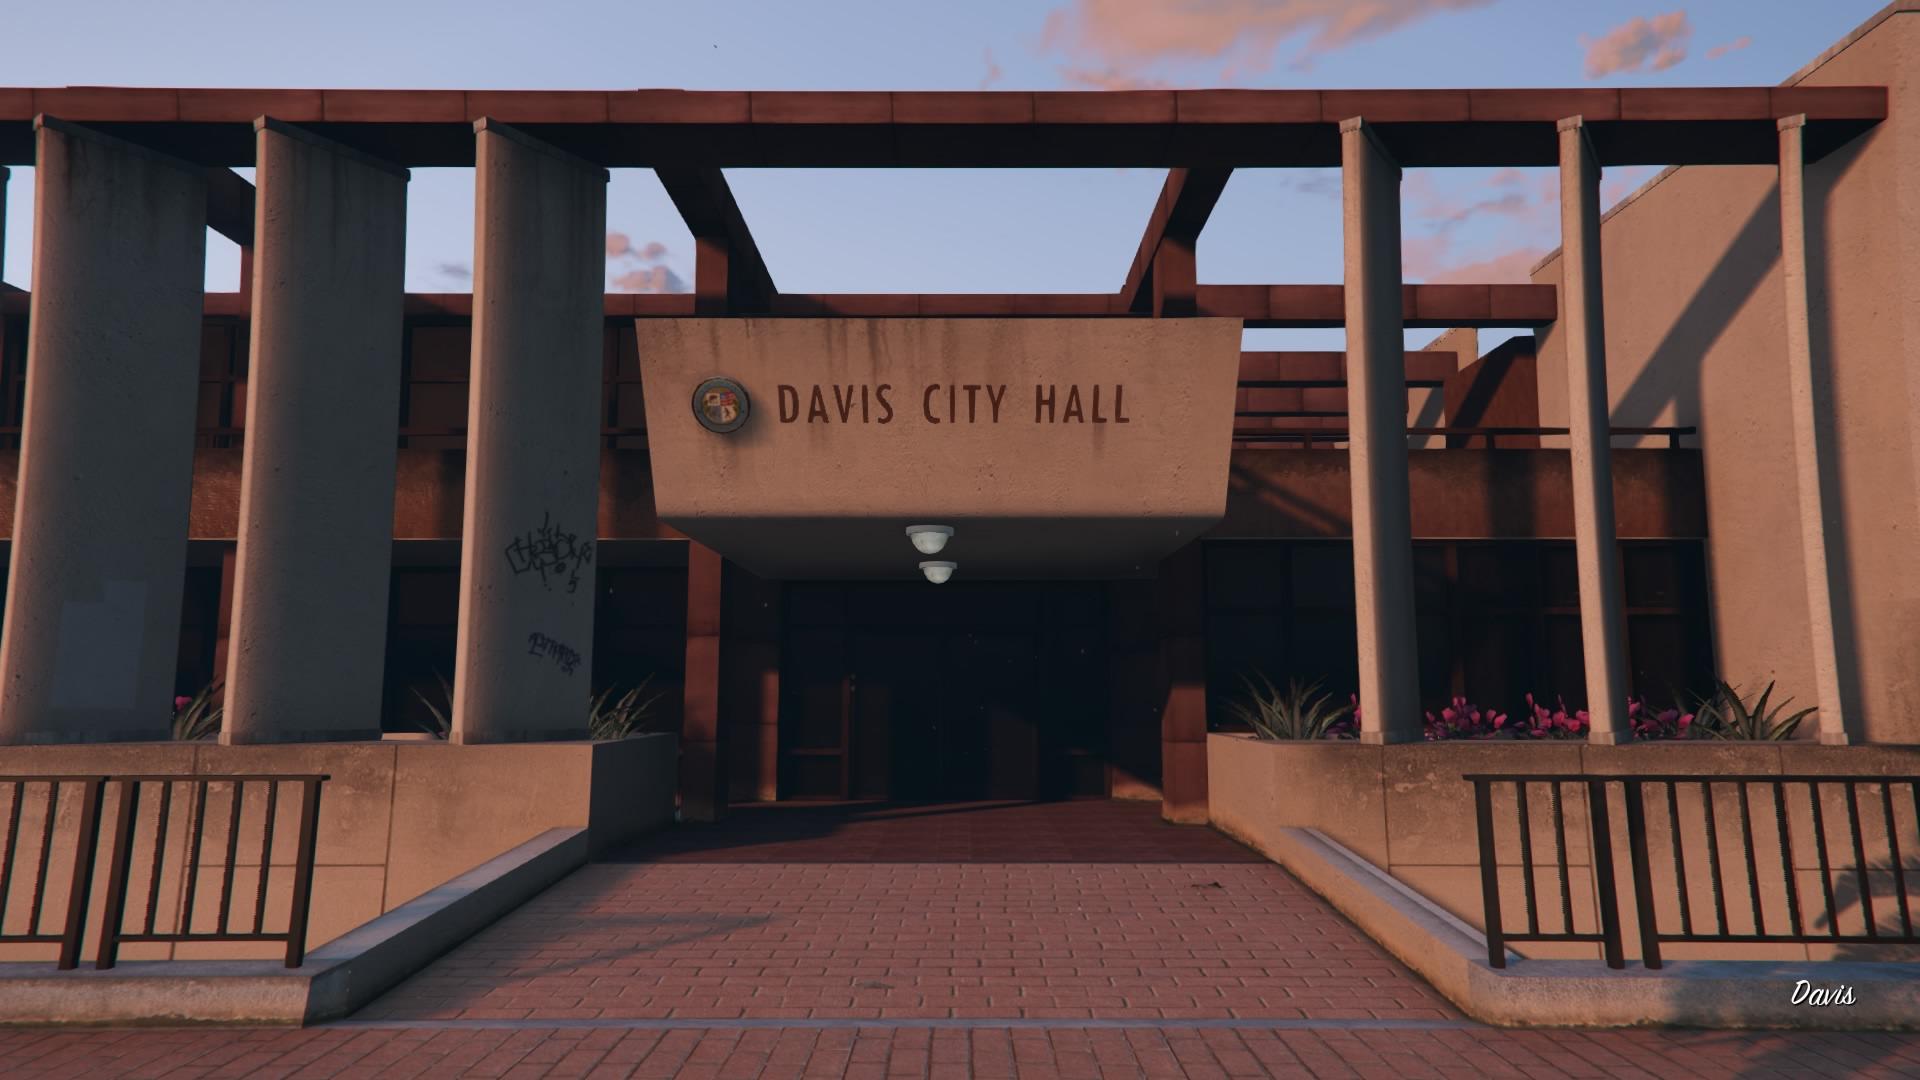 Davis City Hall